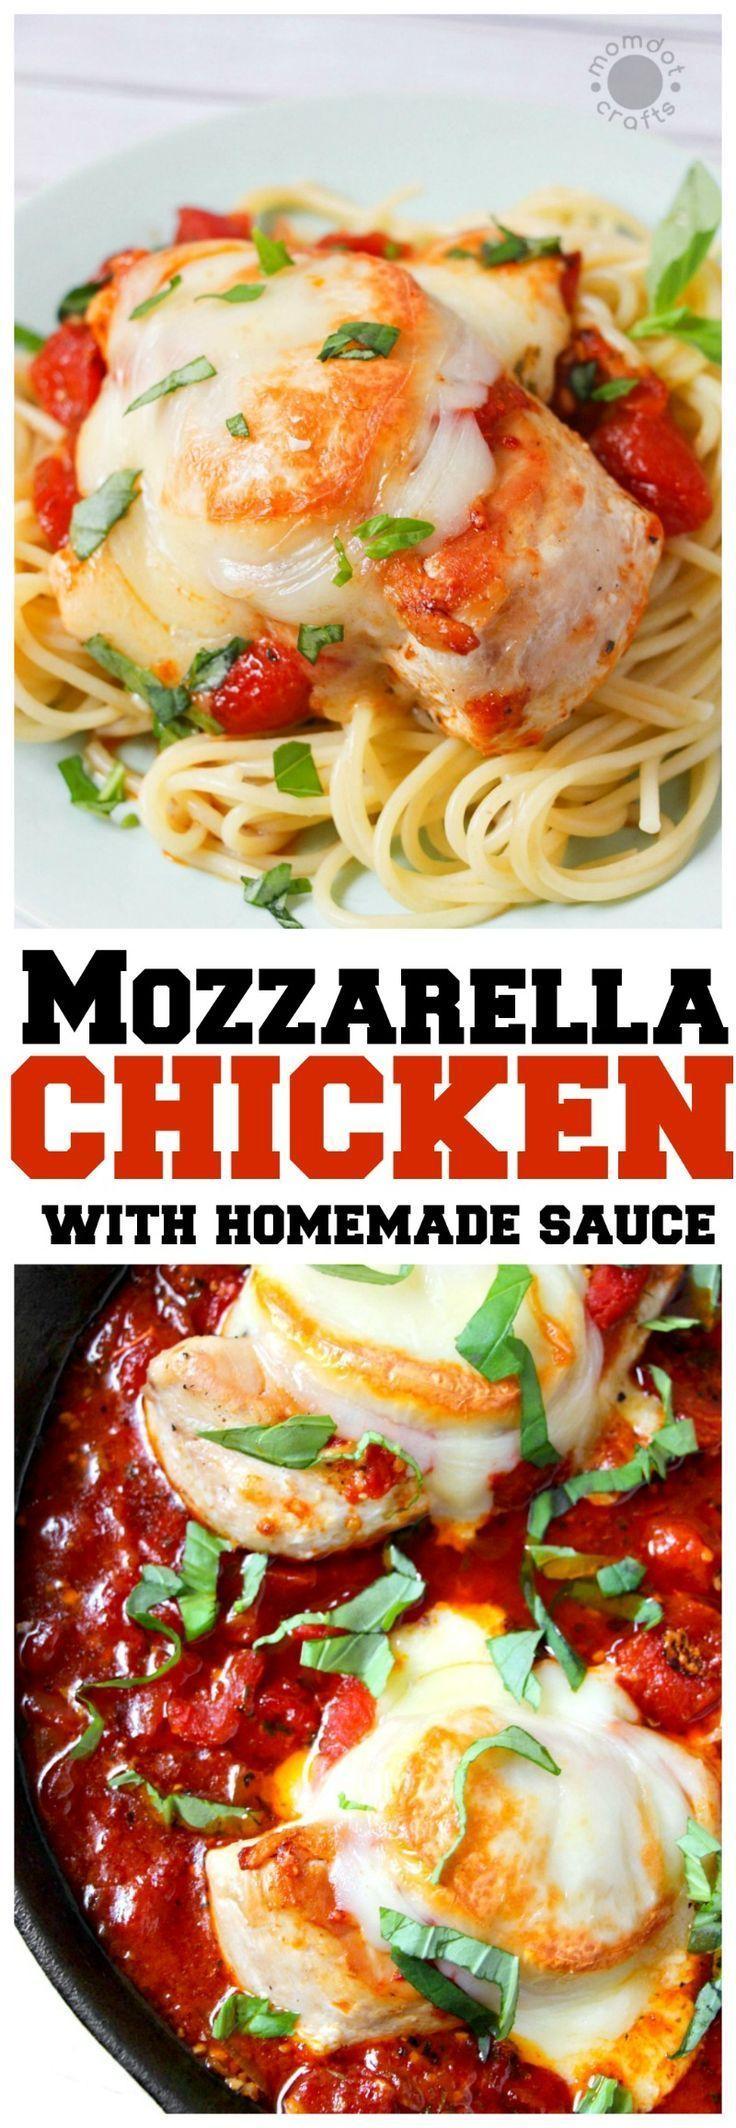 Mozzarella Chicken with Quick Homemade Sauce